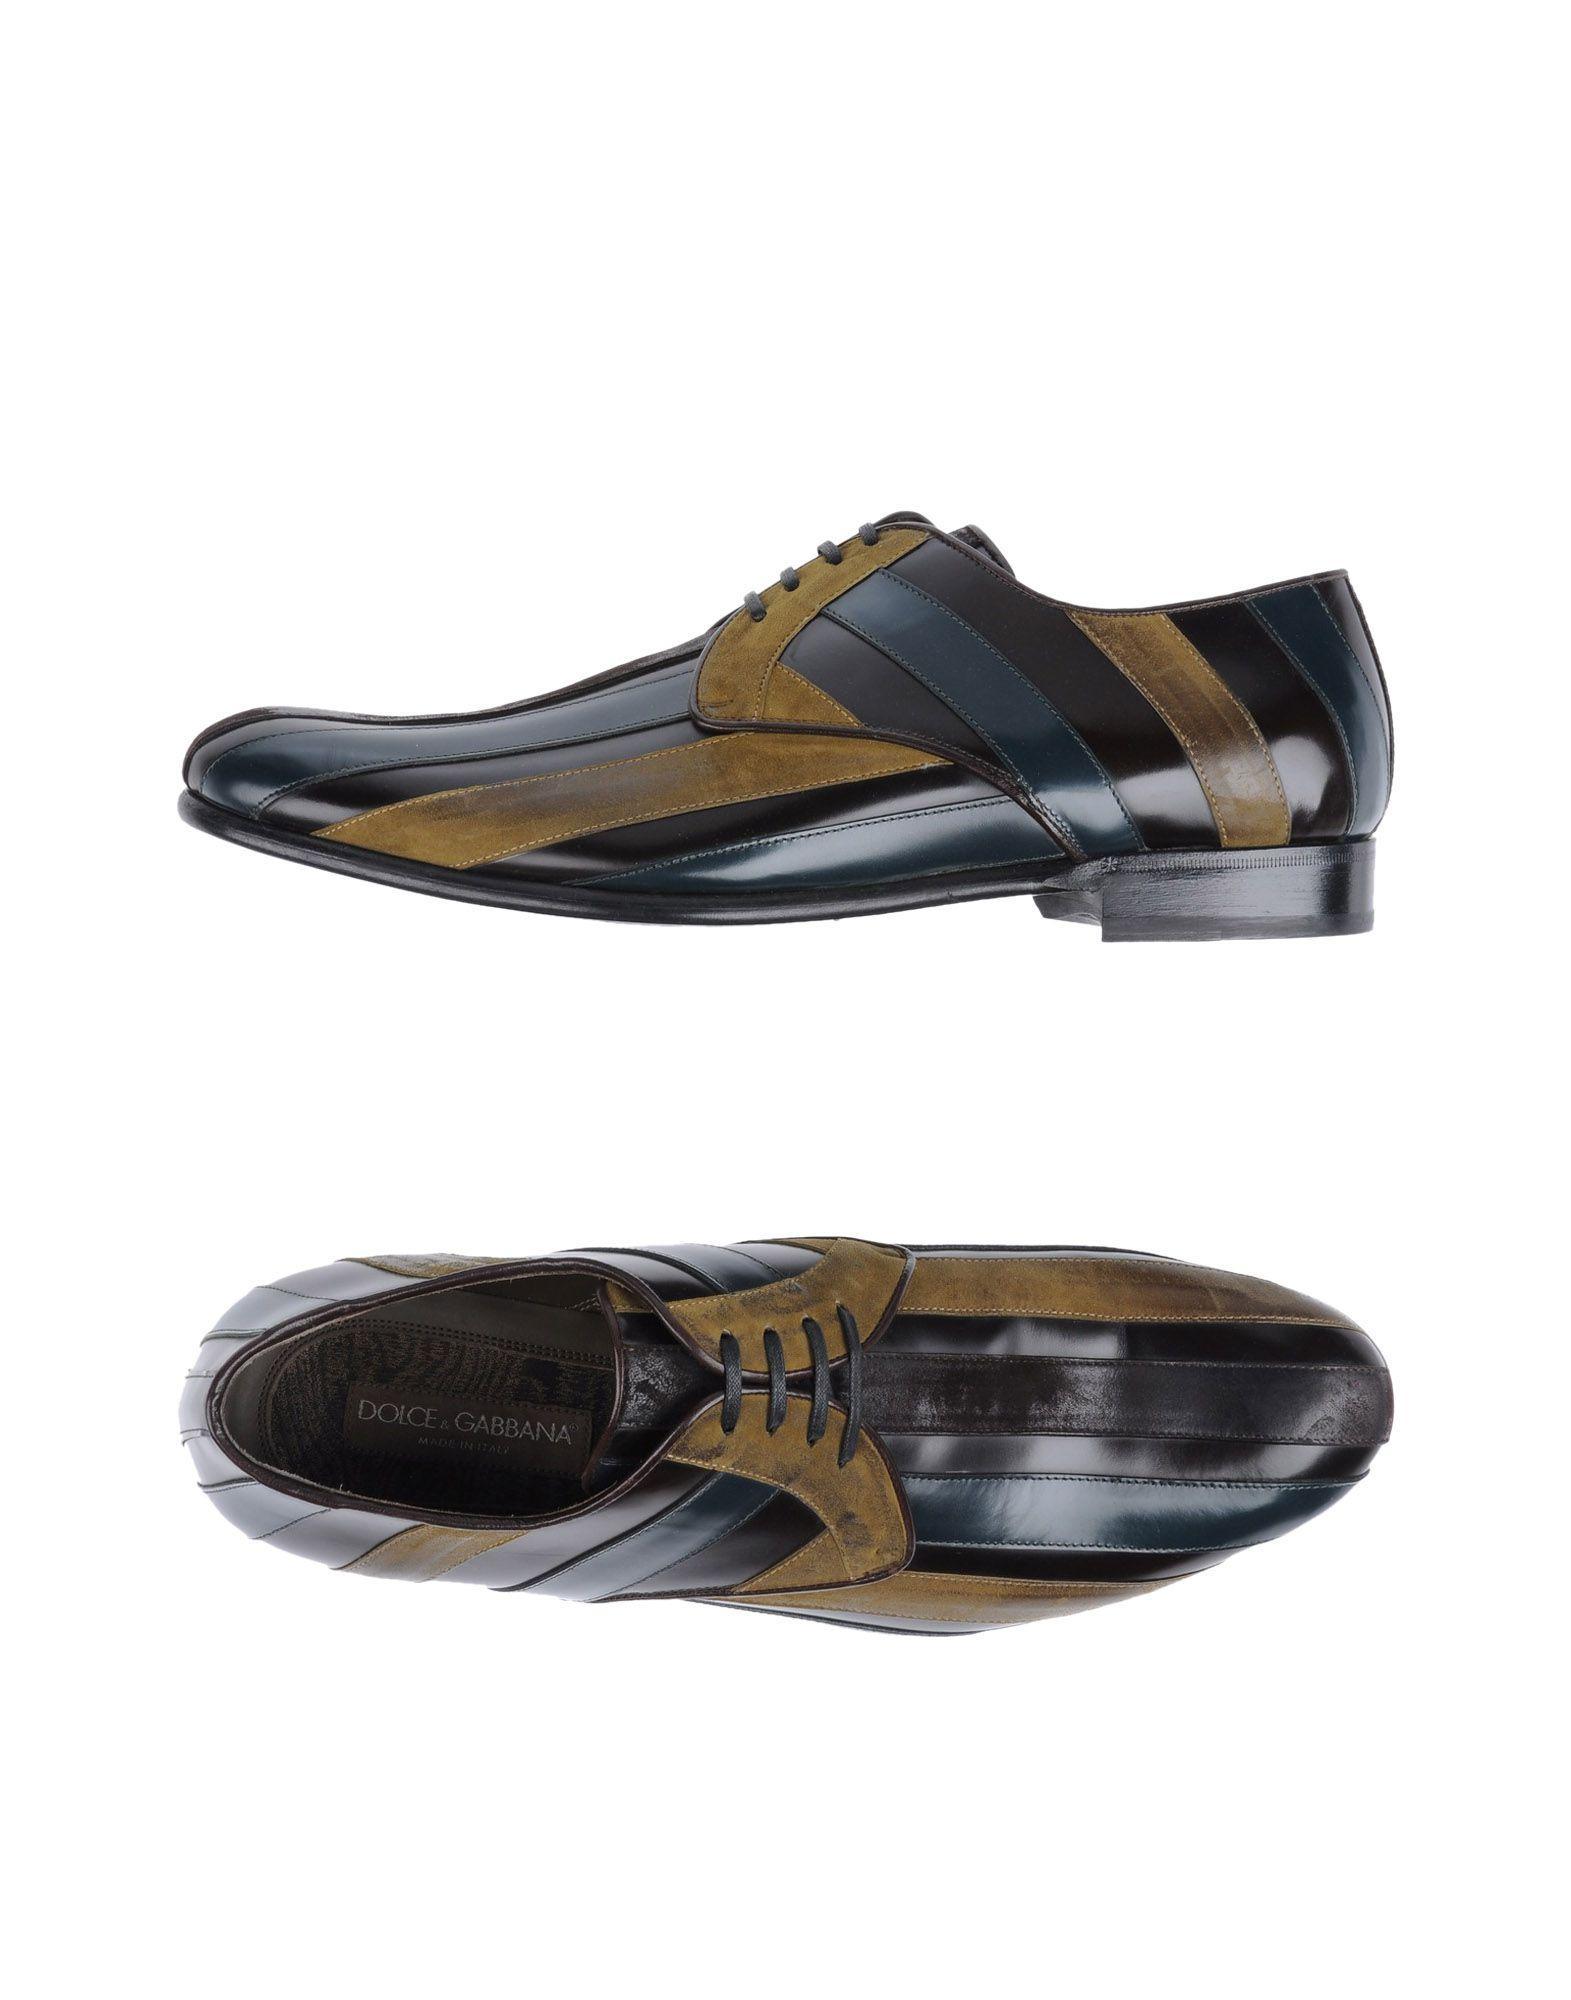 Dolce Gabbana Shoes Canada